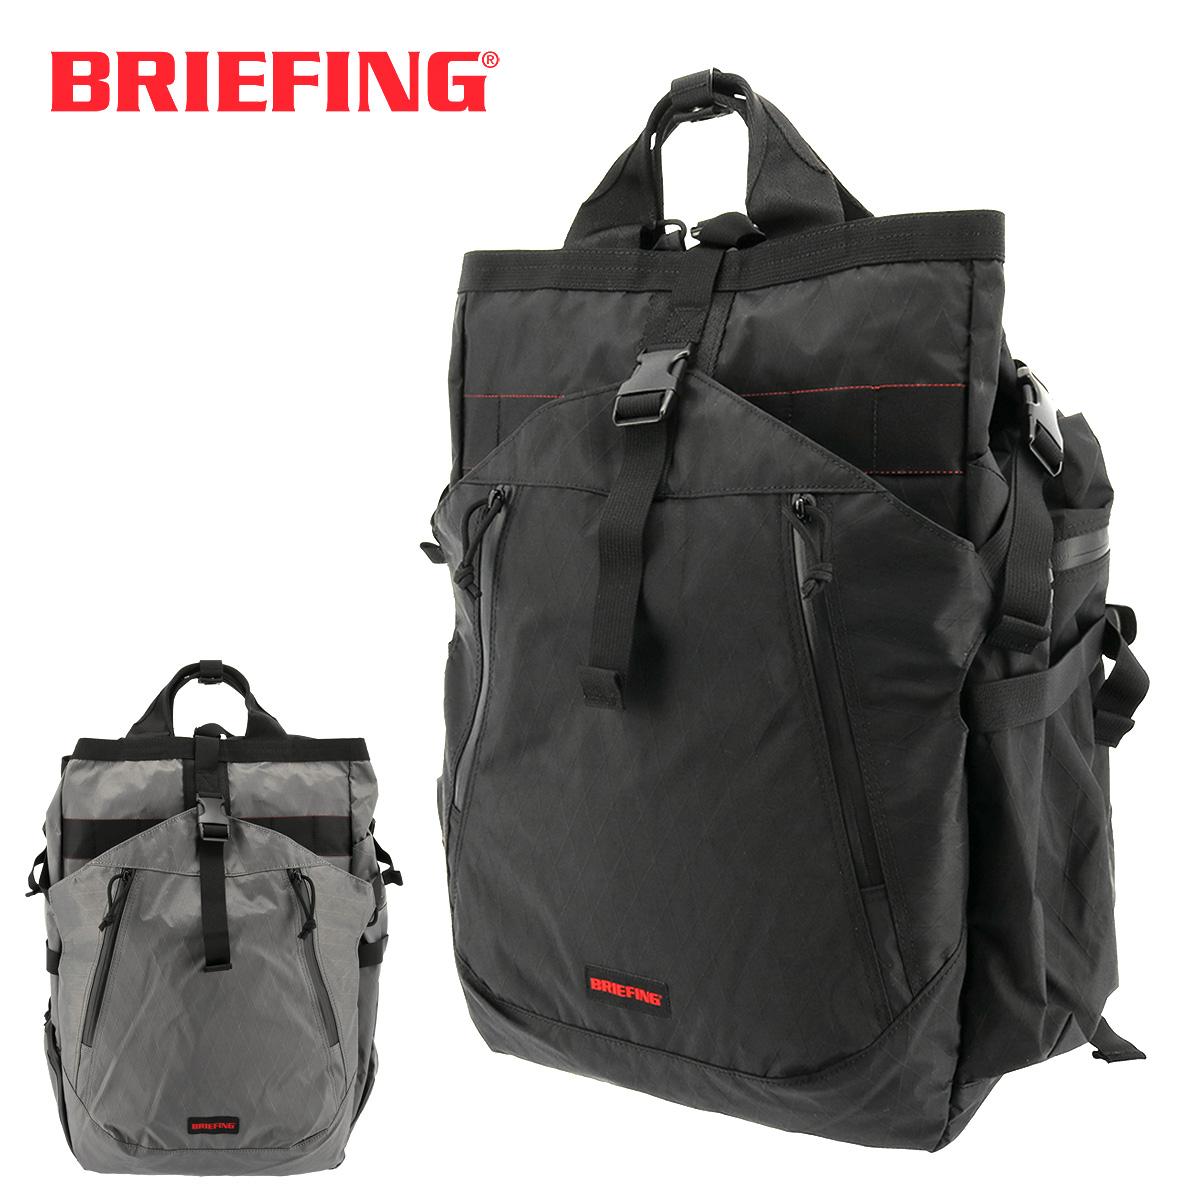 ブリーフィング リュック 大容量 メンズ トランジションバッグ XP BRM183108 BRIEFING リュックサック バックパック スクエア A4 軽量 防水 ナイロン[PO10][bef][即日発送]